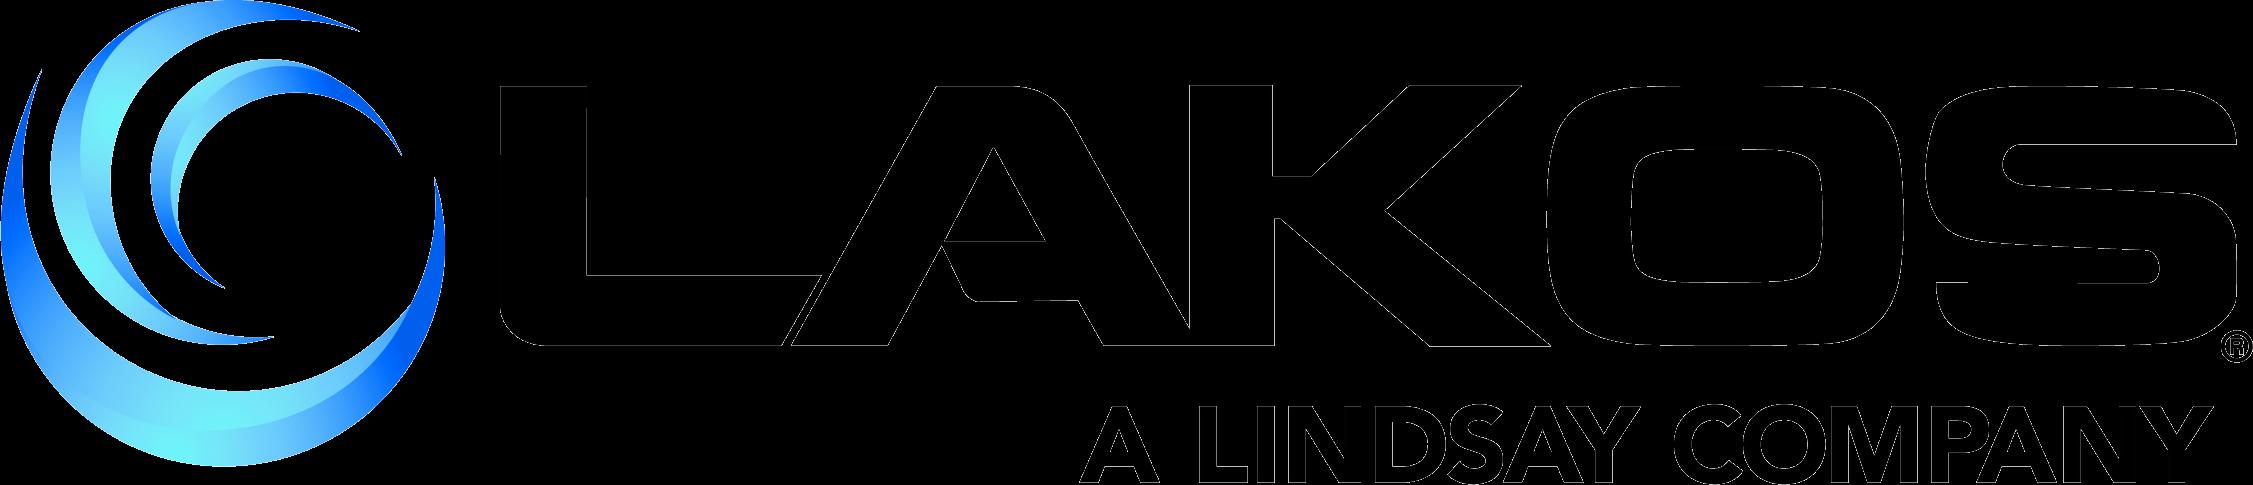 Lakos_logo_cropped.png